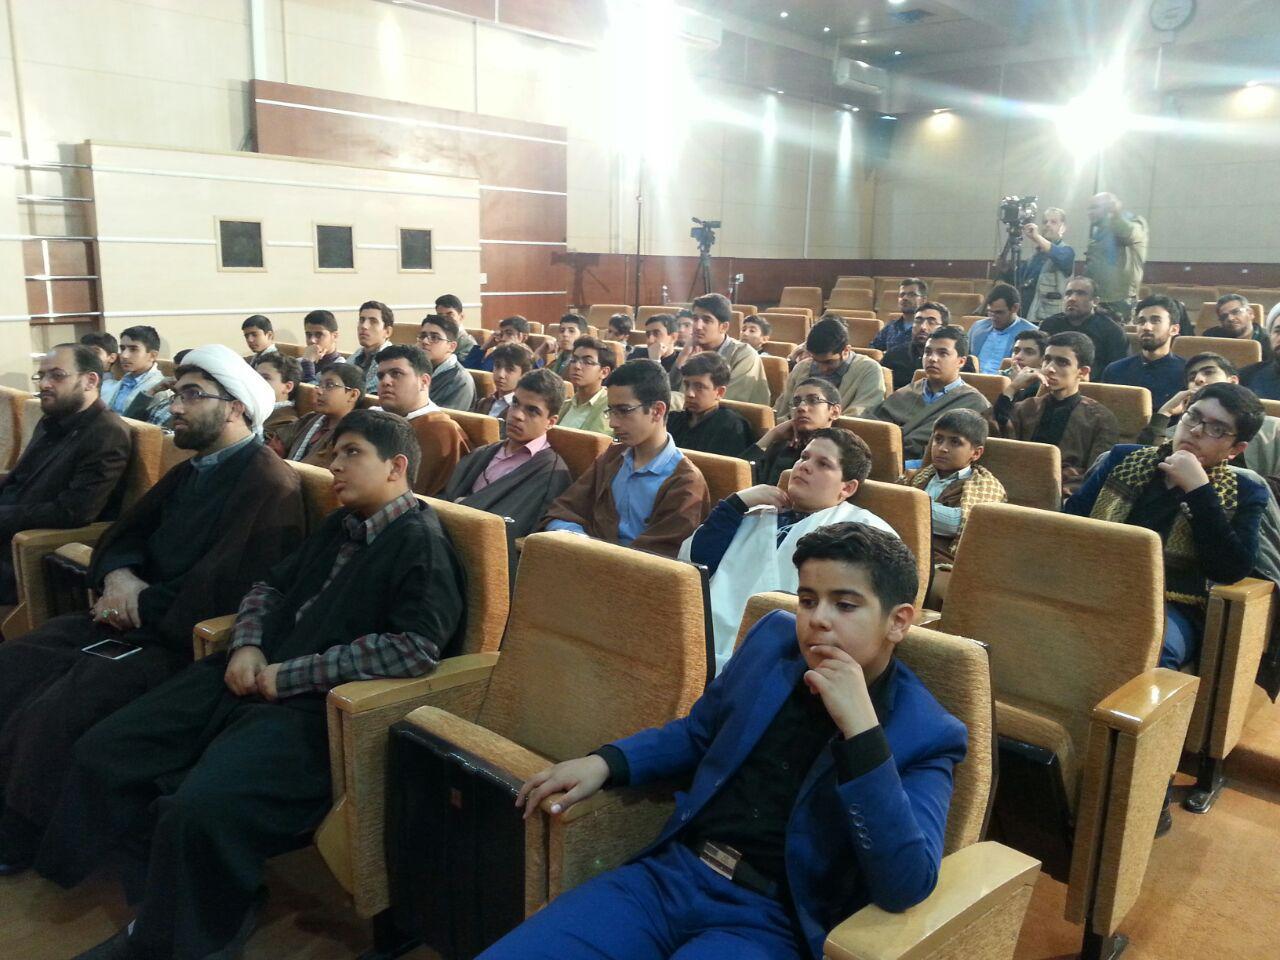 آغازششمین دوره آموزشی تربیتی قاریان ممتاز نوجوان کشور در مشهد